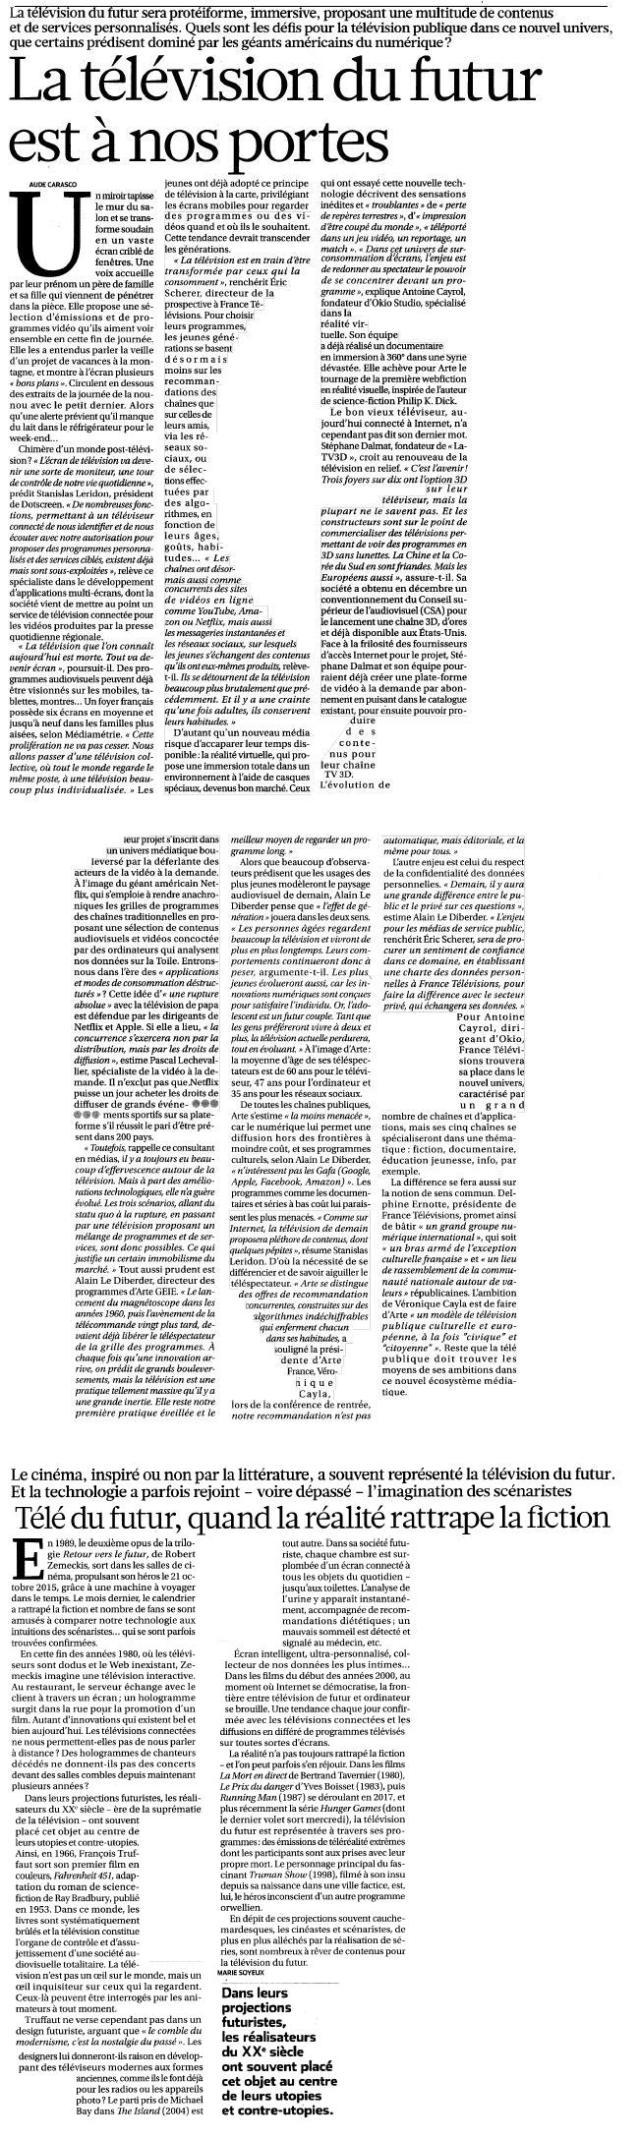 Source : Article « La télévision du futur est à nos portes », extrait du quotidien La Croix, 14 novembre 2015.